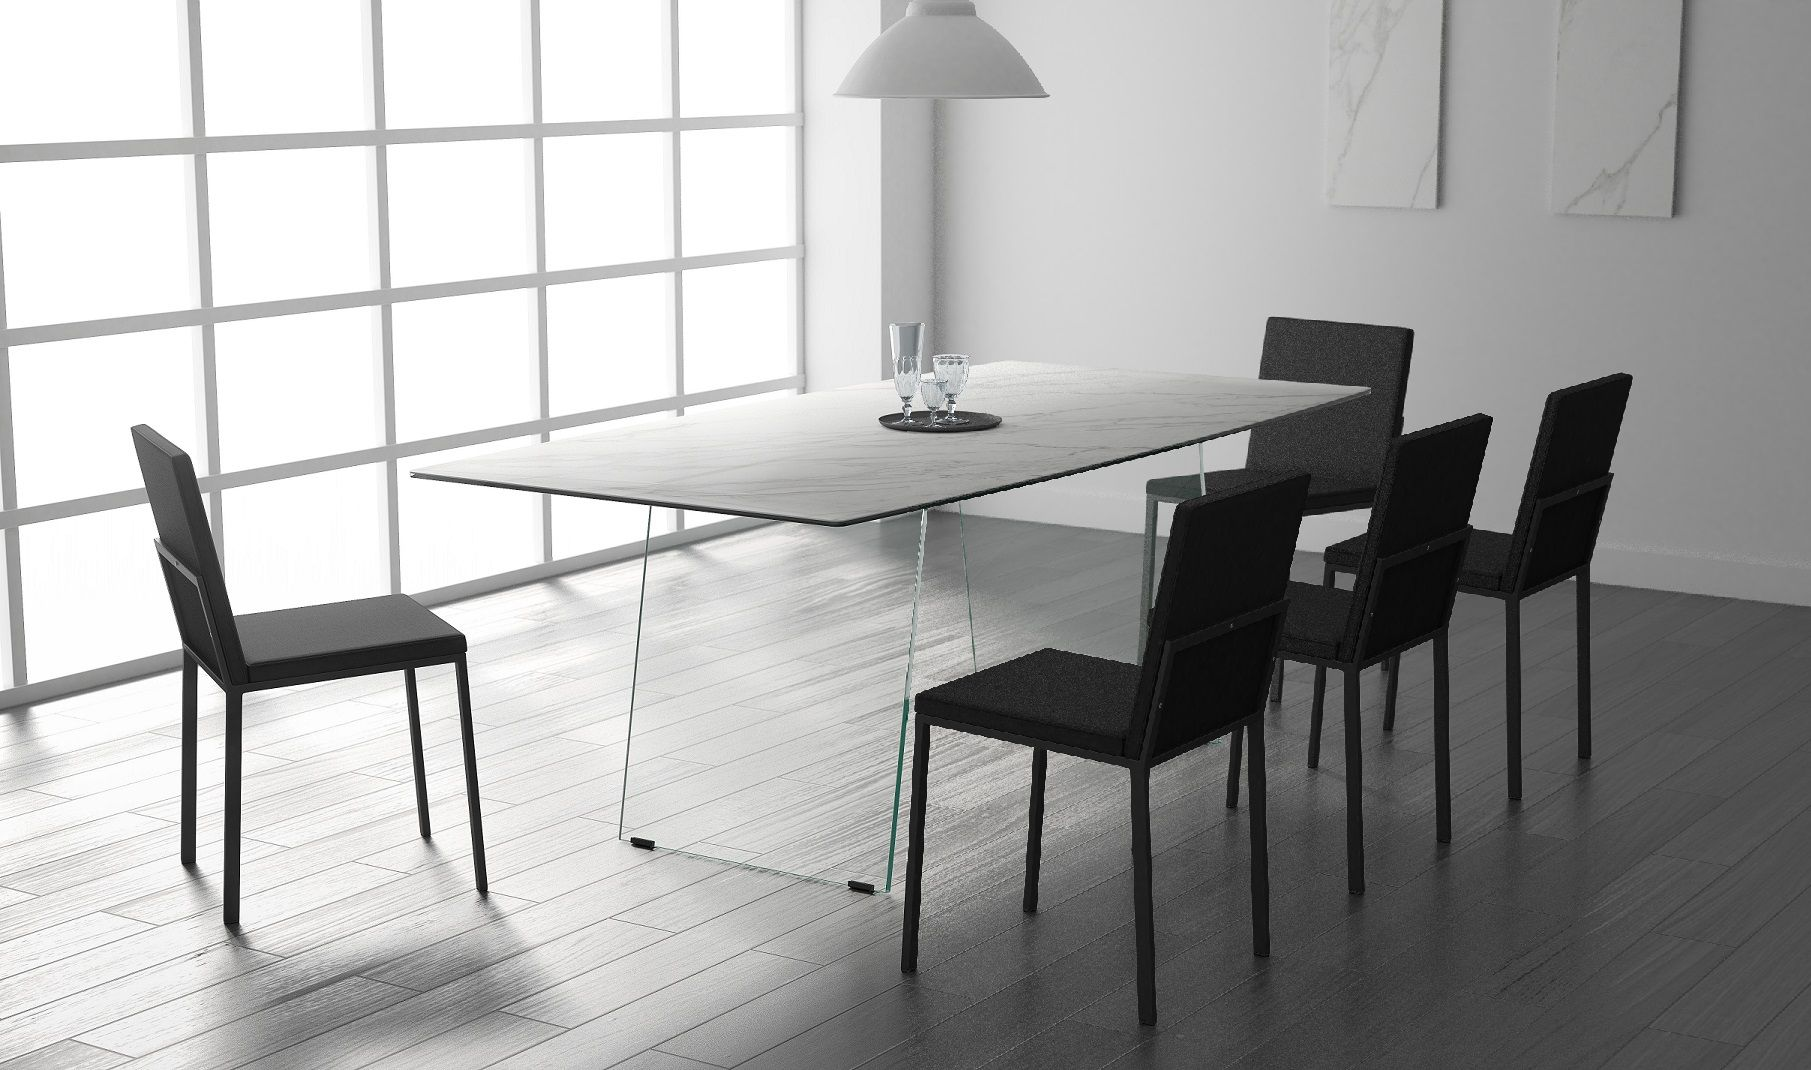 Der Keramik Tisch Als Solches Ist Ja Mittlerweile Sehr Beliebt Geworden Auf Grund Seiner Optisch Schönen Und Robusten Ob Esstisch Modern Esstisch Design Tisch